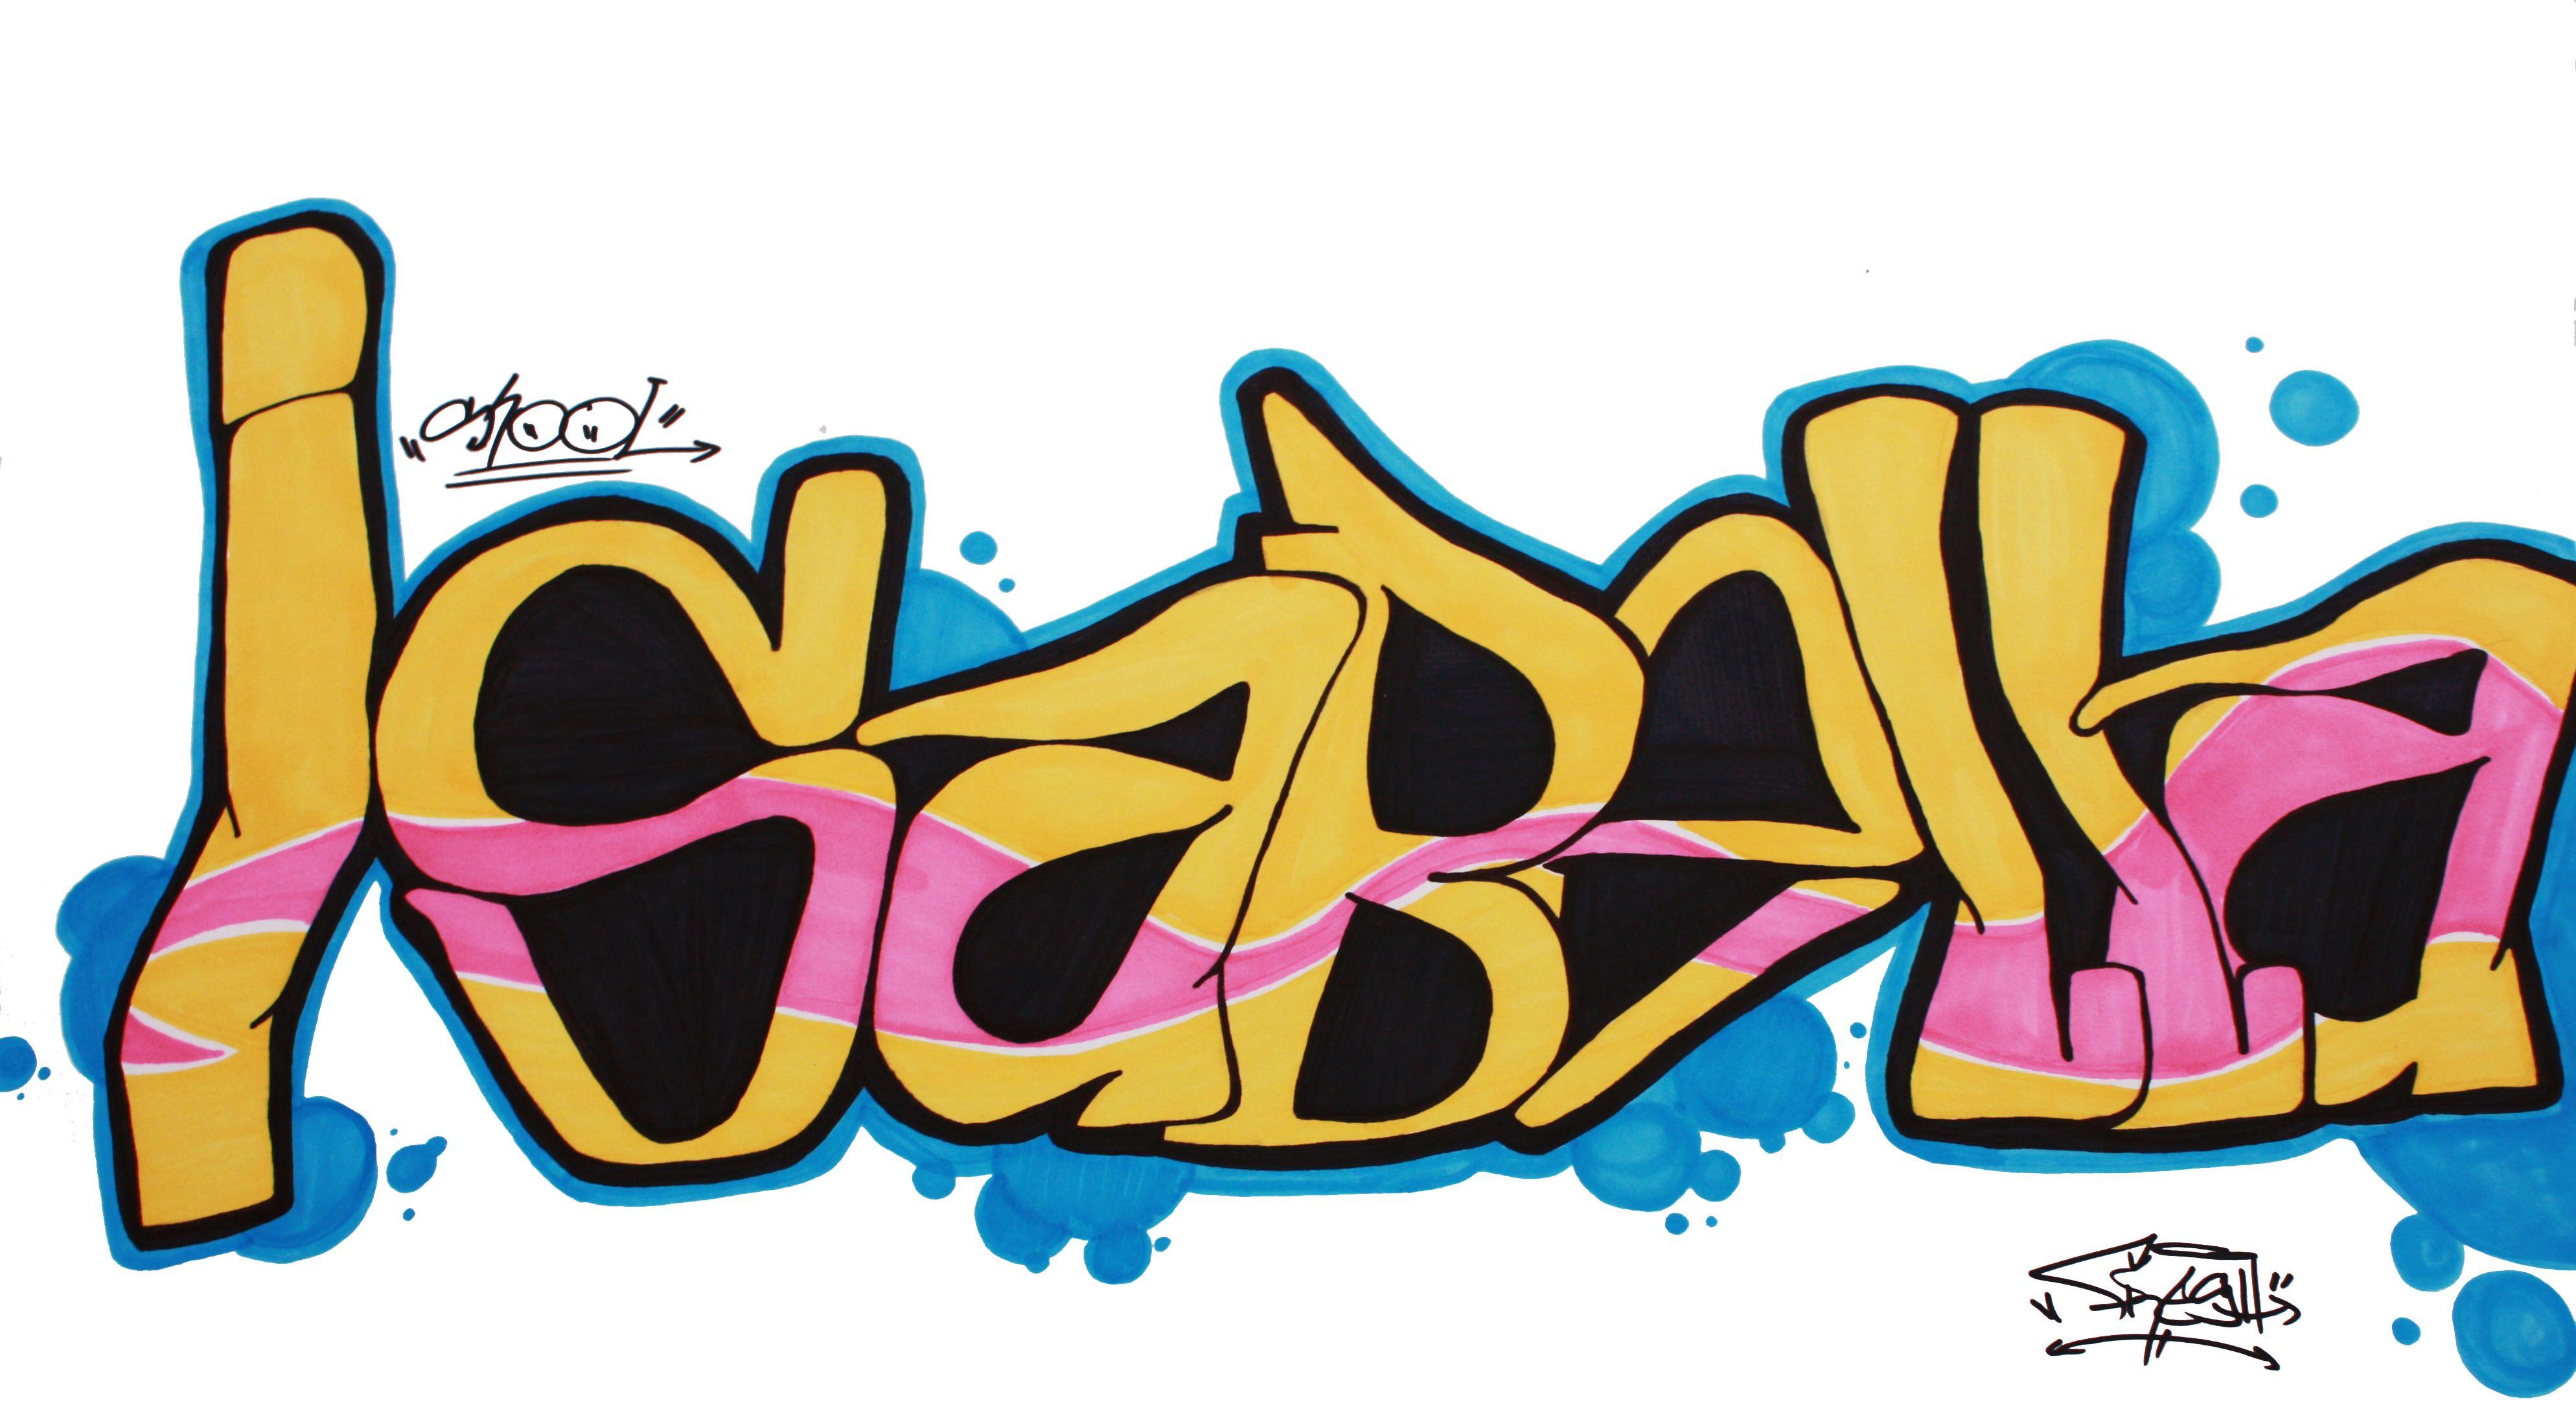 джейла картинки граффити с именами дима что крыльцо